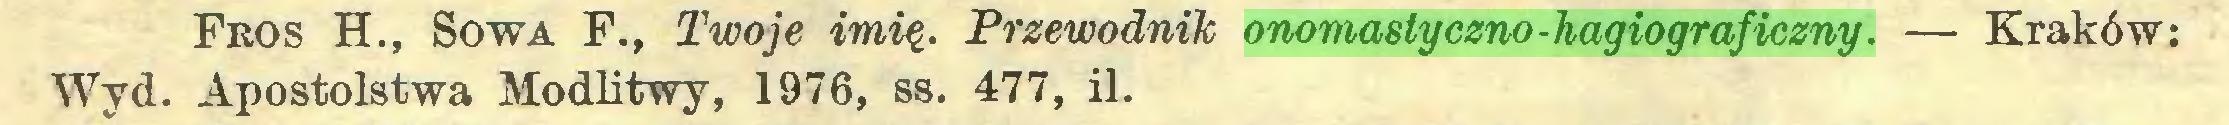 (...) Fros H., Sowa F., Twoje imię. Przewodnik onomastyczno-hagiograficzny. — Kraków: Wyd. Apostolstwa Modlitwy, 1976, ss. 477, il...